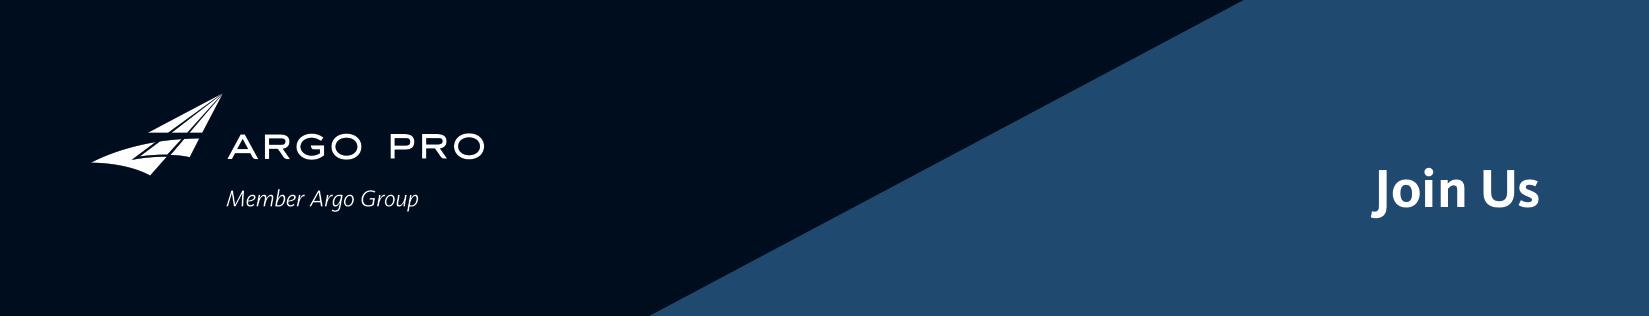 0106-Argo Pro LPL Conference Header